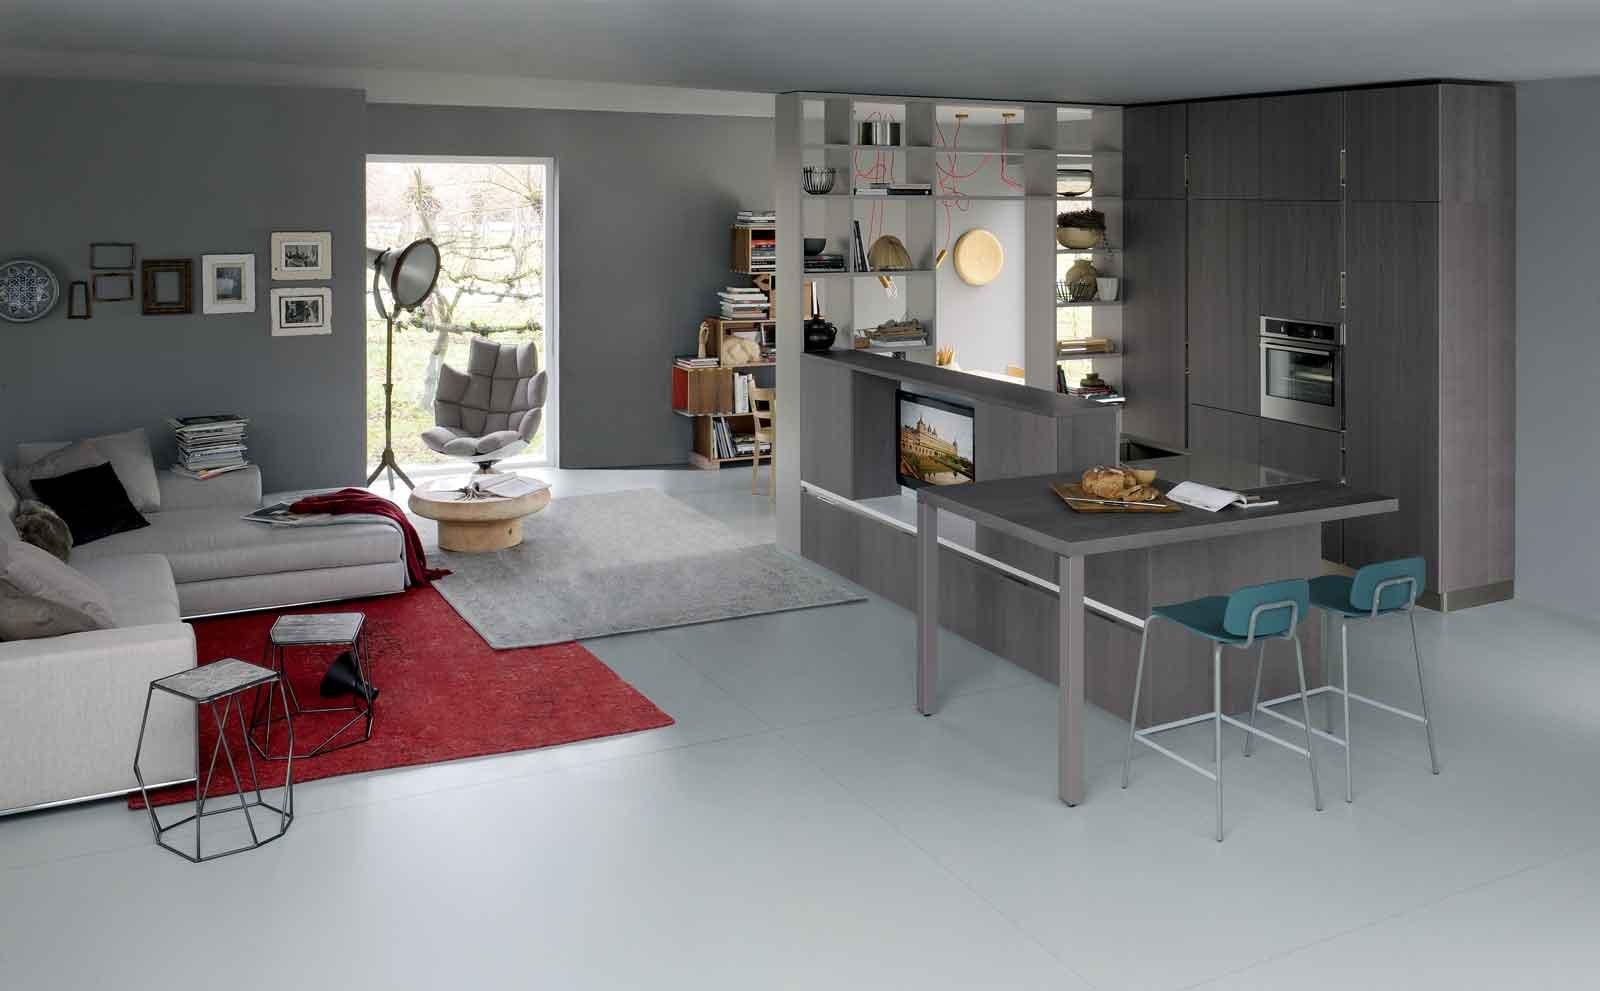 Cucina e soggiorno in un unico ambiente 3 stili cose di - Cucine e salotti insieme ...